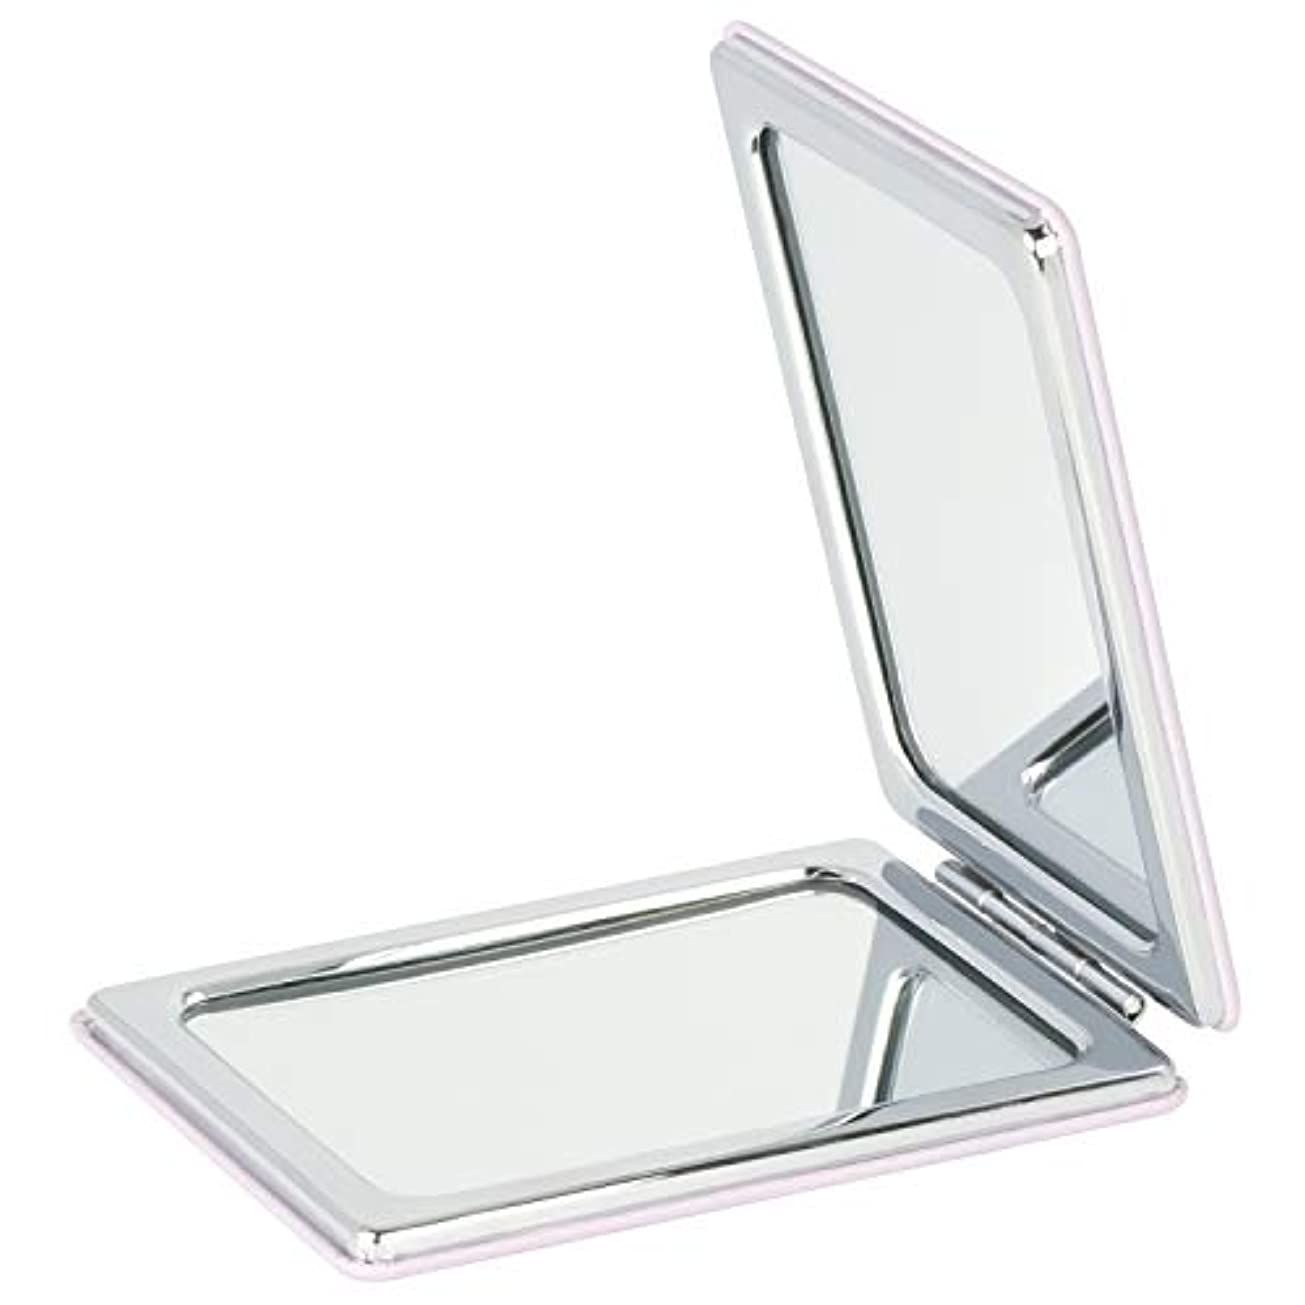 Mouyor 両面コンパクトミラー 手鏡 化粧鏡 携帯ミラー ハンドミラー 5倍拡大鏡+等倍鏡 折りたたみ (角形-A4)